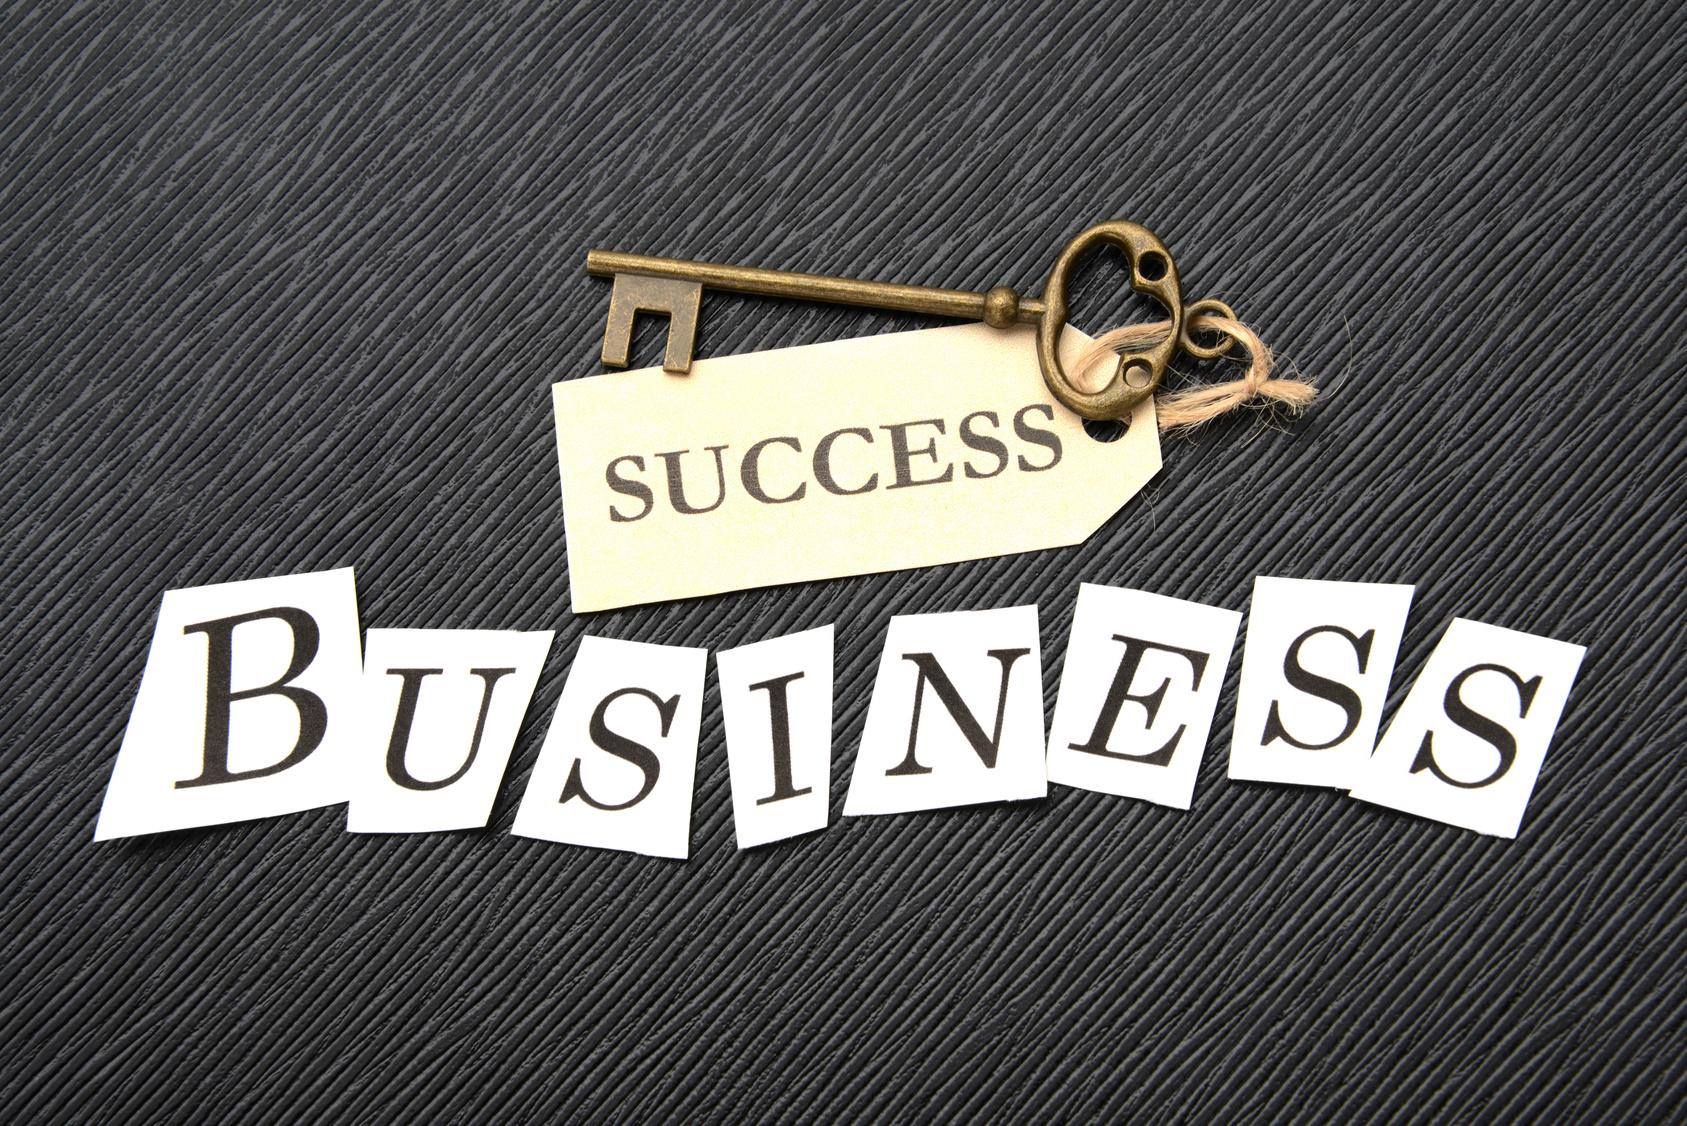 ビジネスコンセプト―成功の鍵